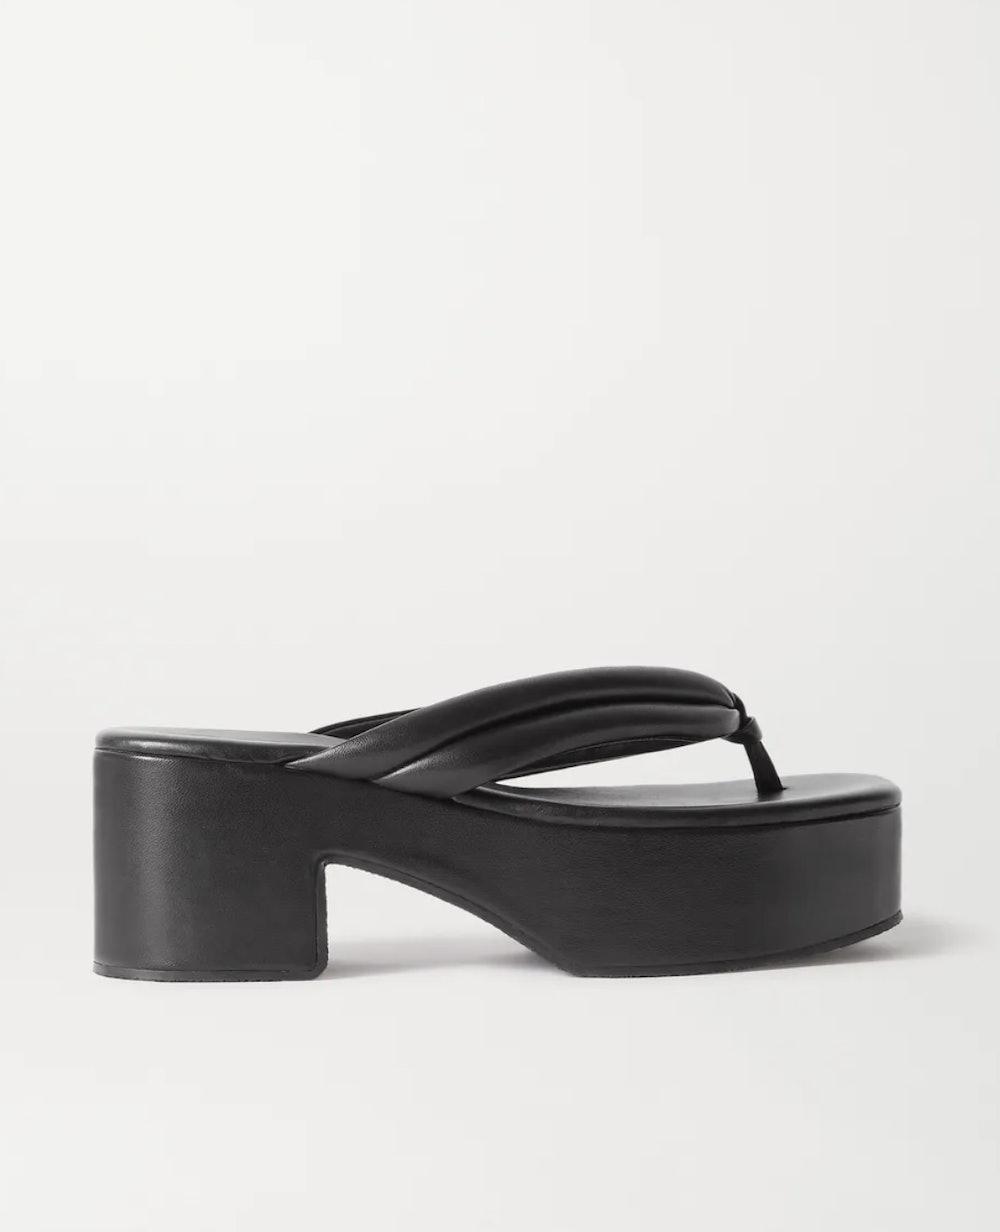 Leather Platform Flip Flops